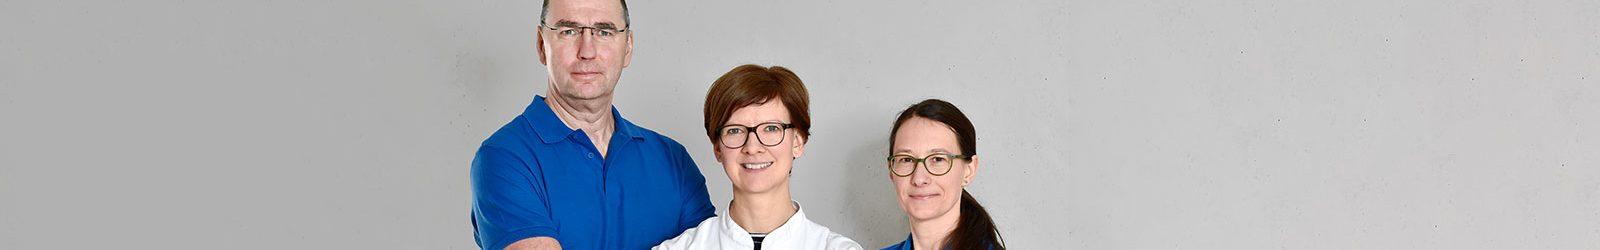 Schlaganfall-Nachsorge-Konzept gewinnt MSD Gesundheitspreis